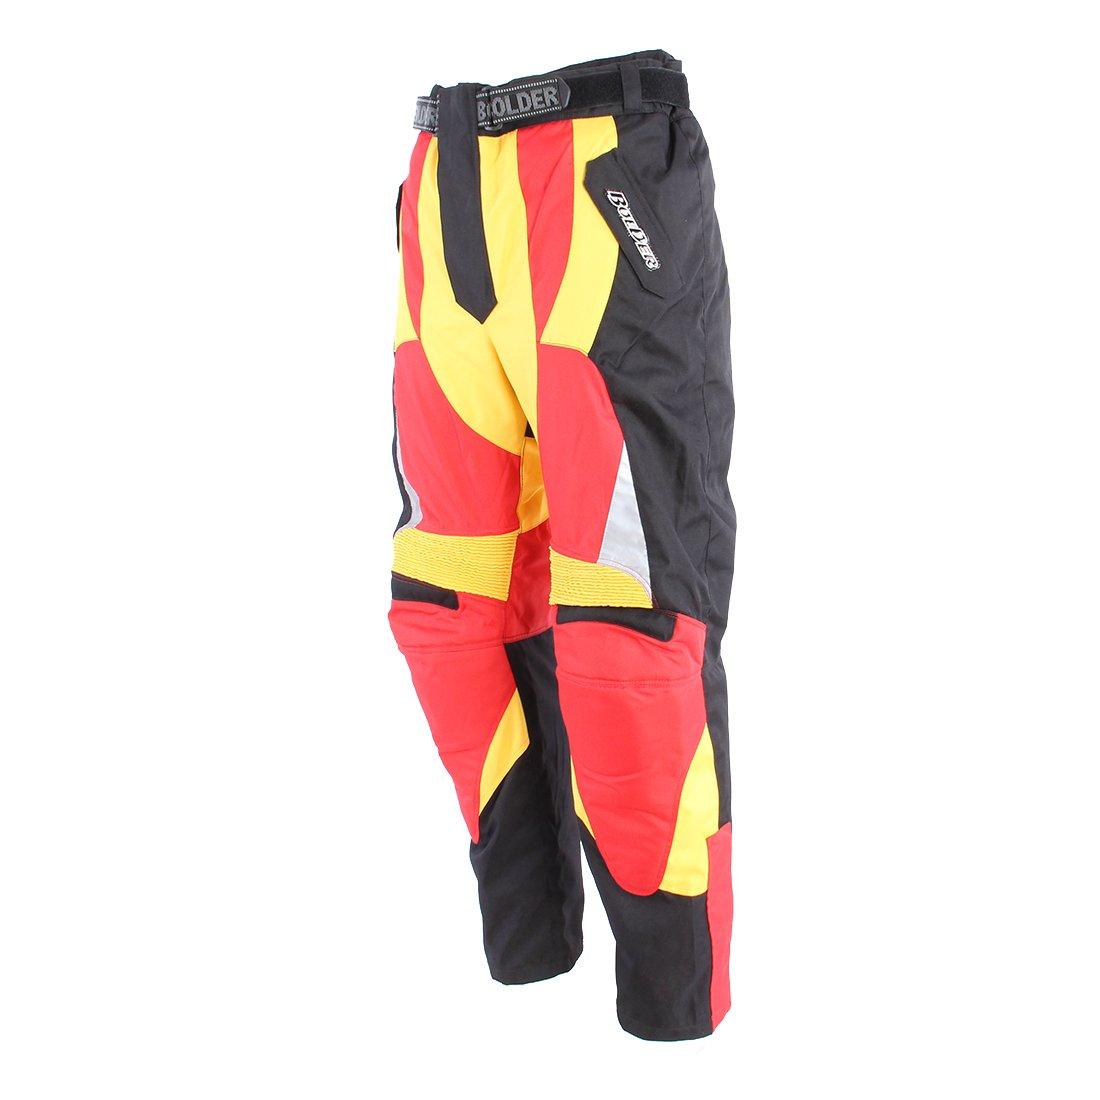 Motocyklové kalhoty BOLDER Enduro 2065 (černo/červené) 3XL